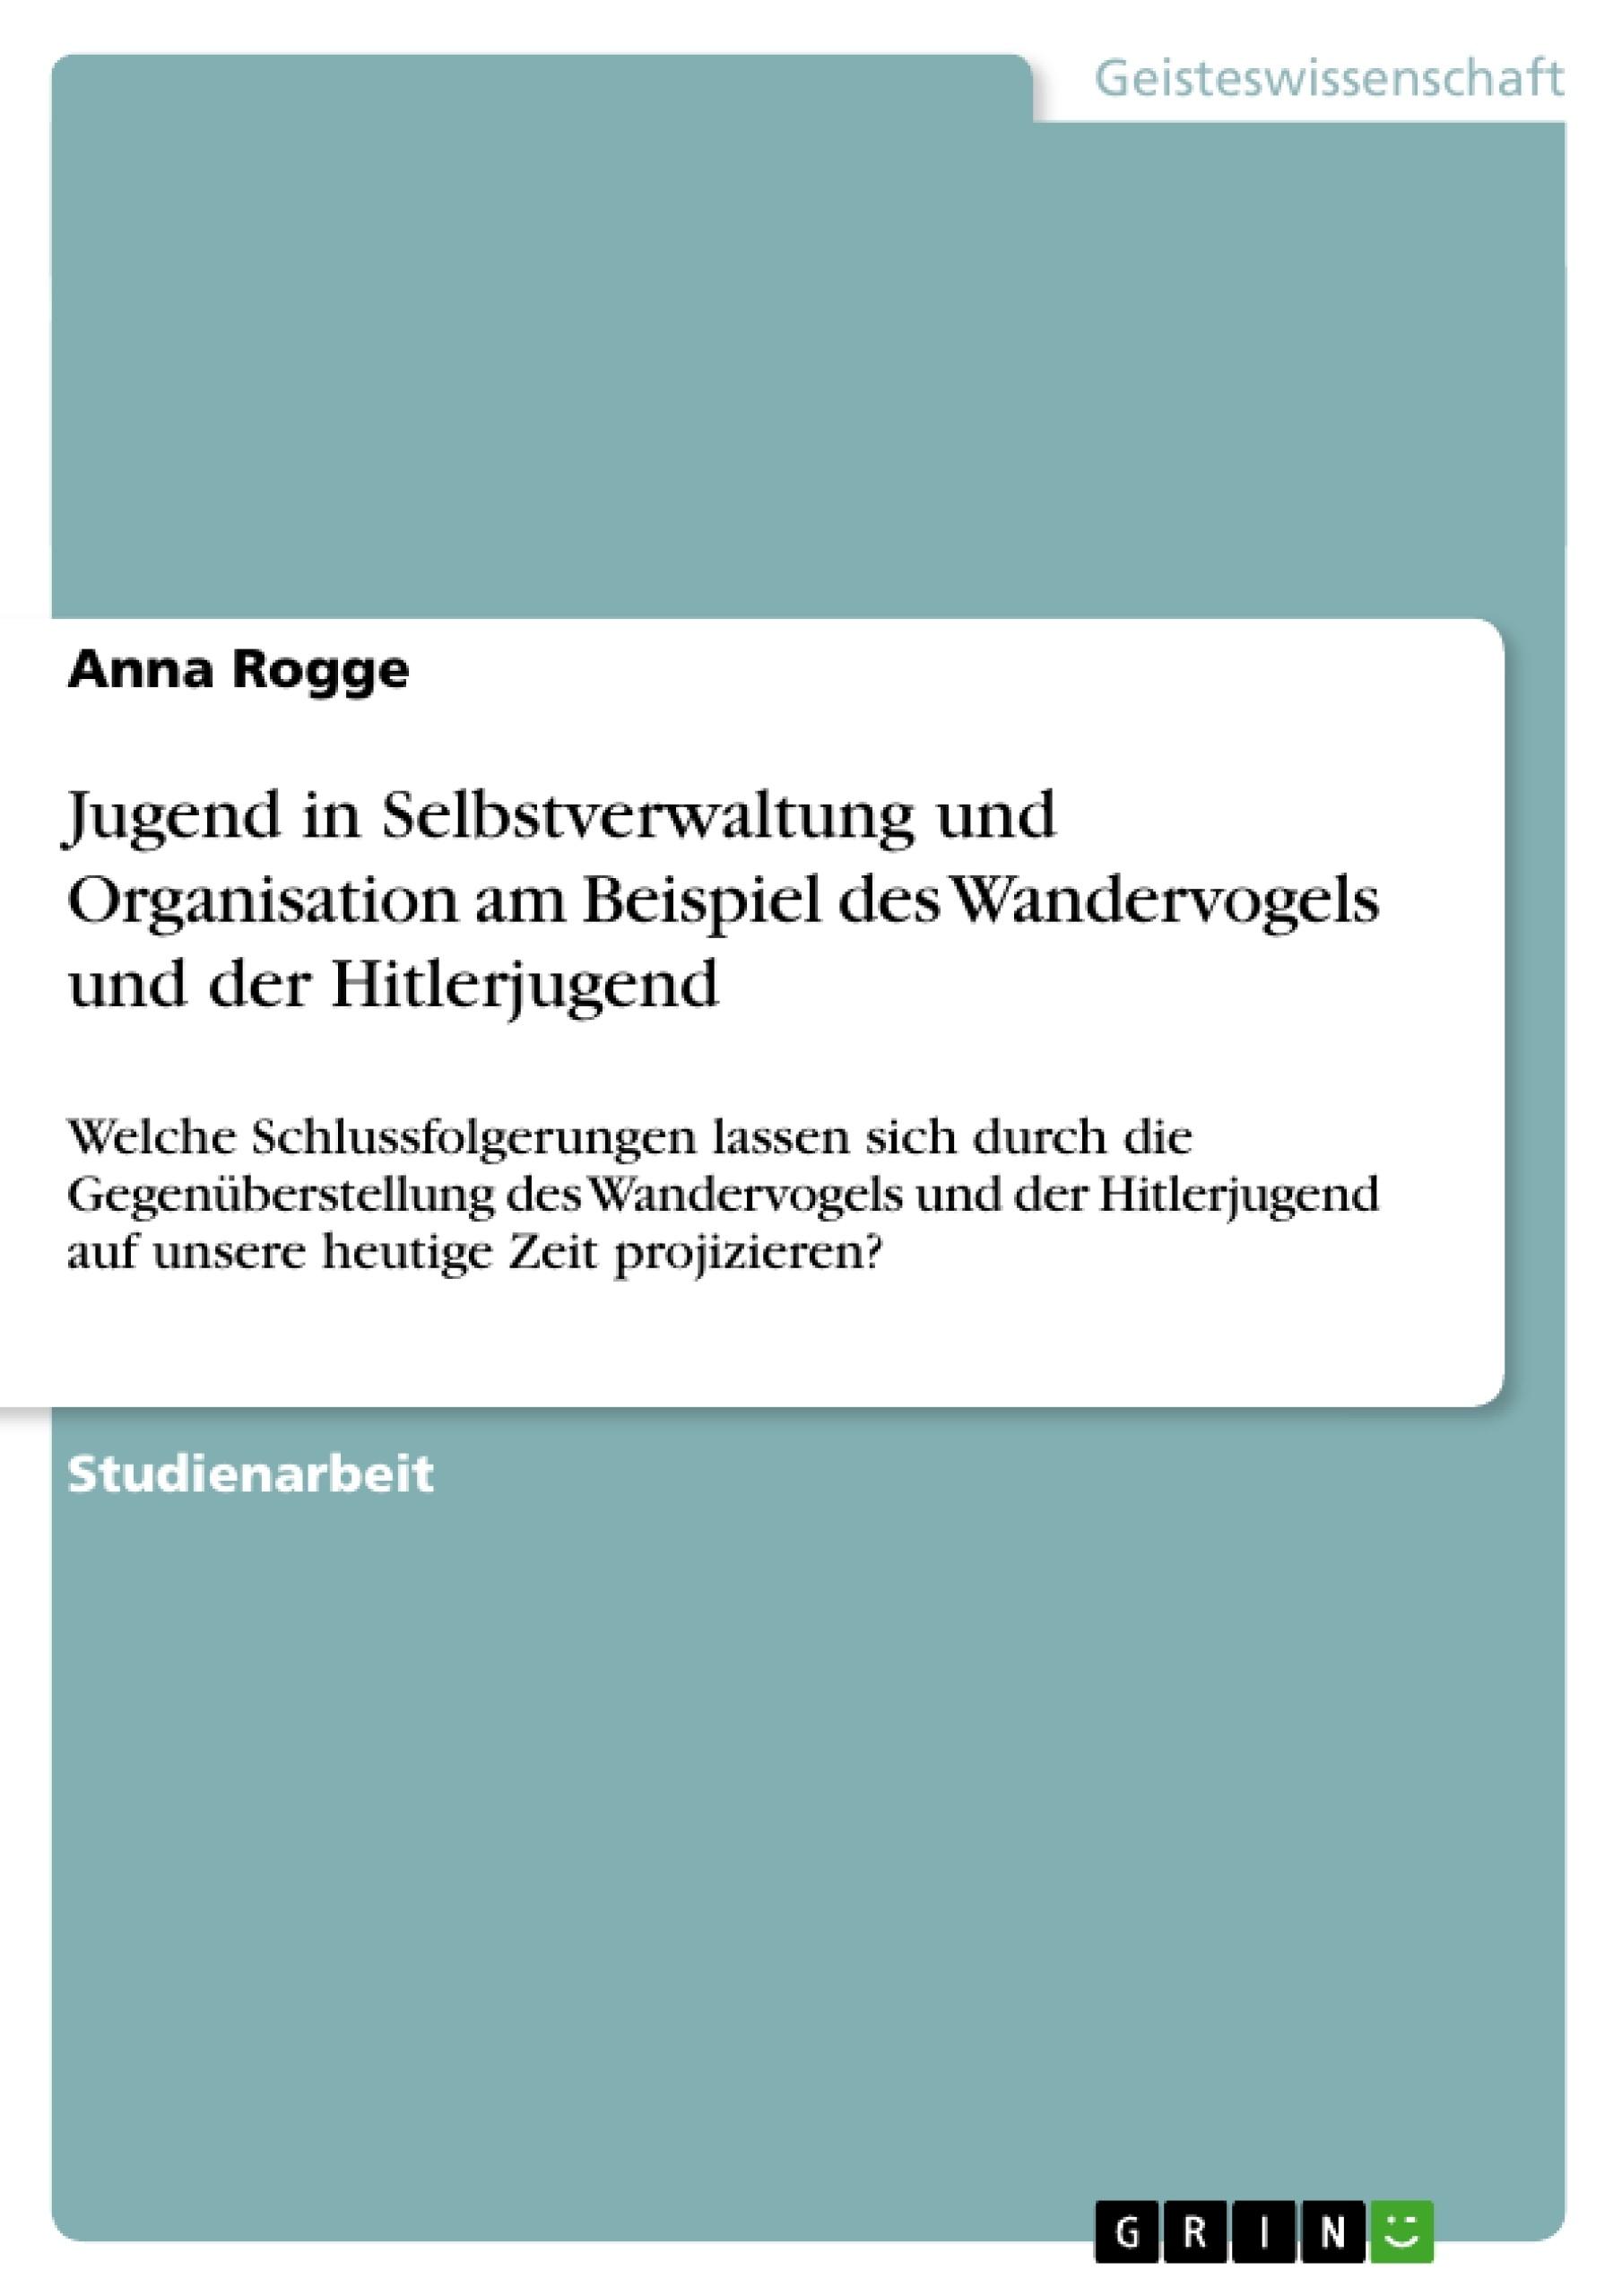 Titel: Jugend in Selbstverwaltung und Organisation am Beispiel des Wandervogels und der Hitlerjugend